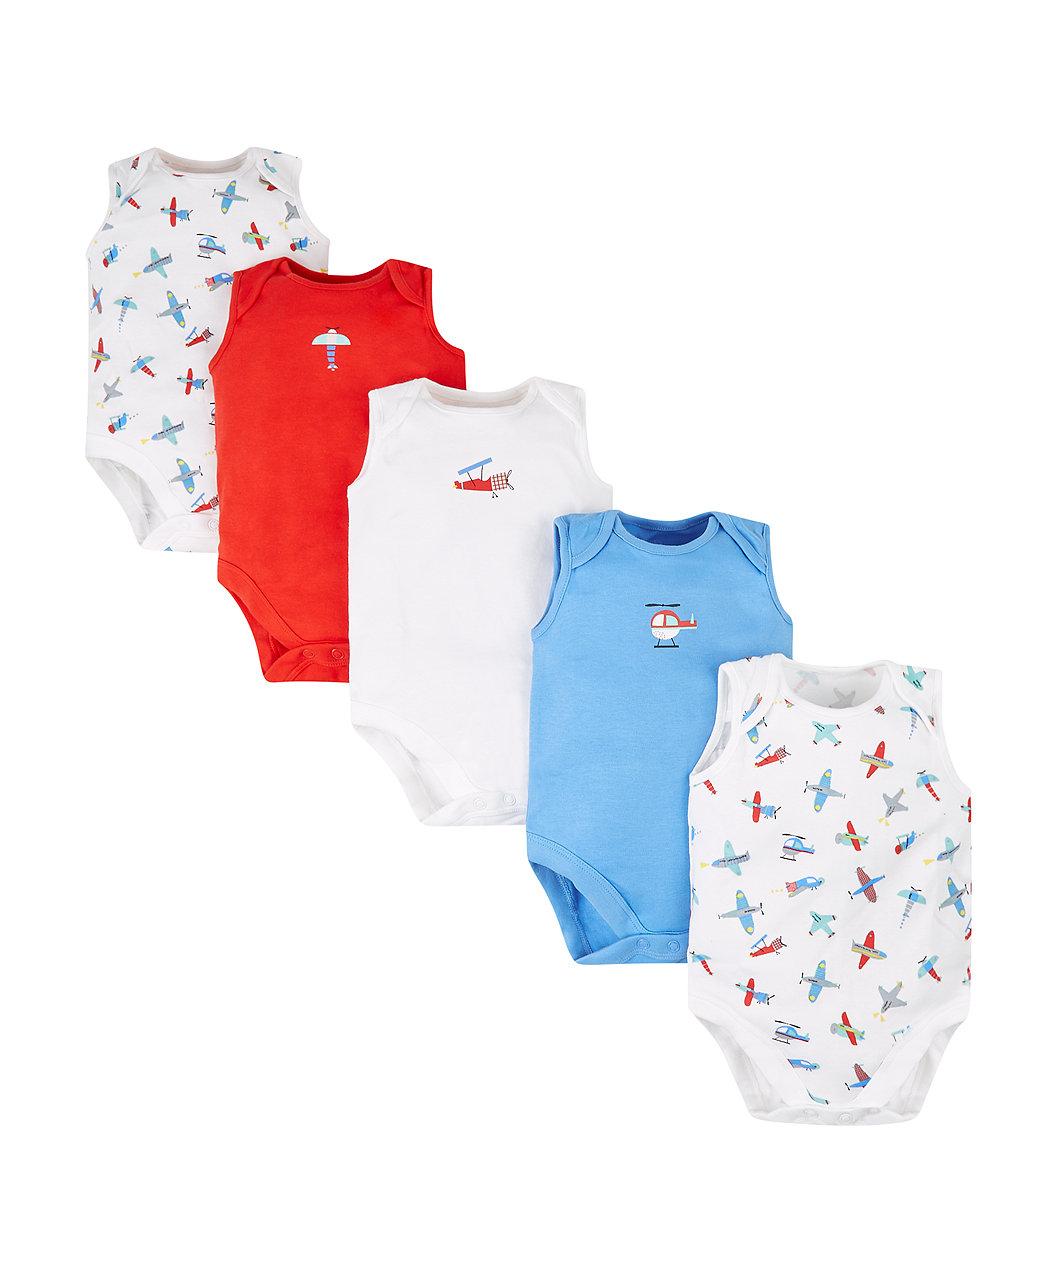 Боді з літаками - 5 шт - Бодіки для немовлят - Одяг для немовлят 0 ... ac7dfe6b74858